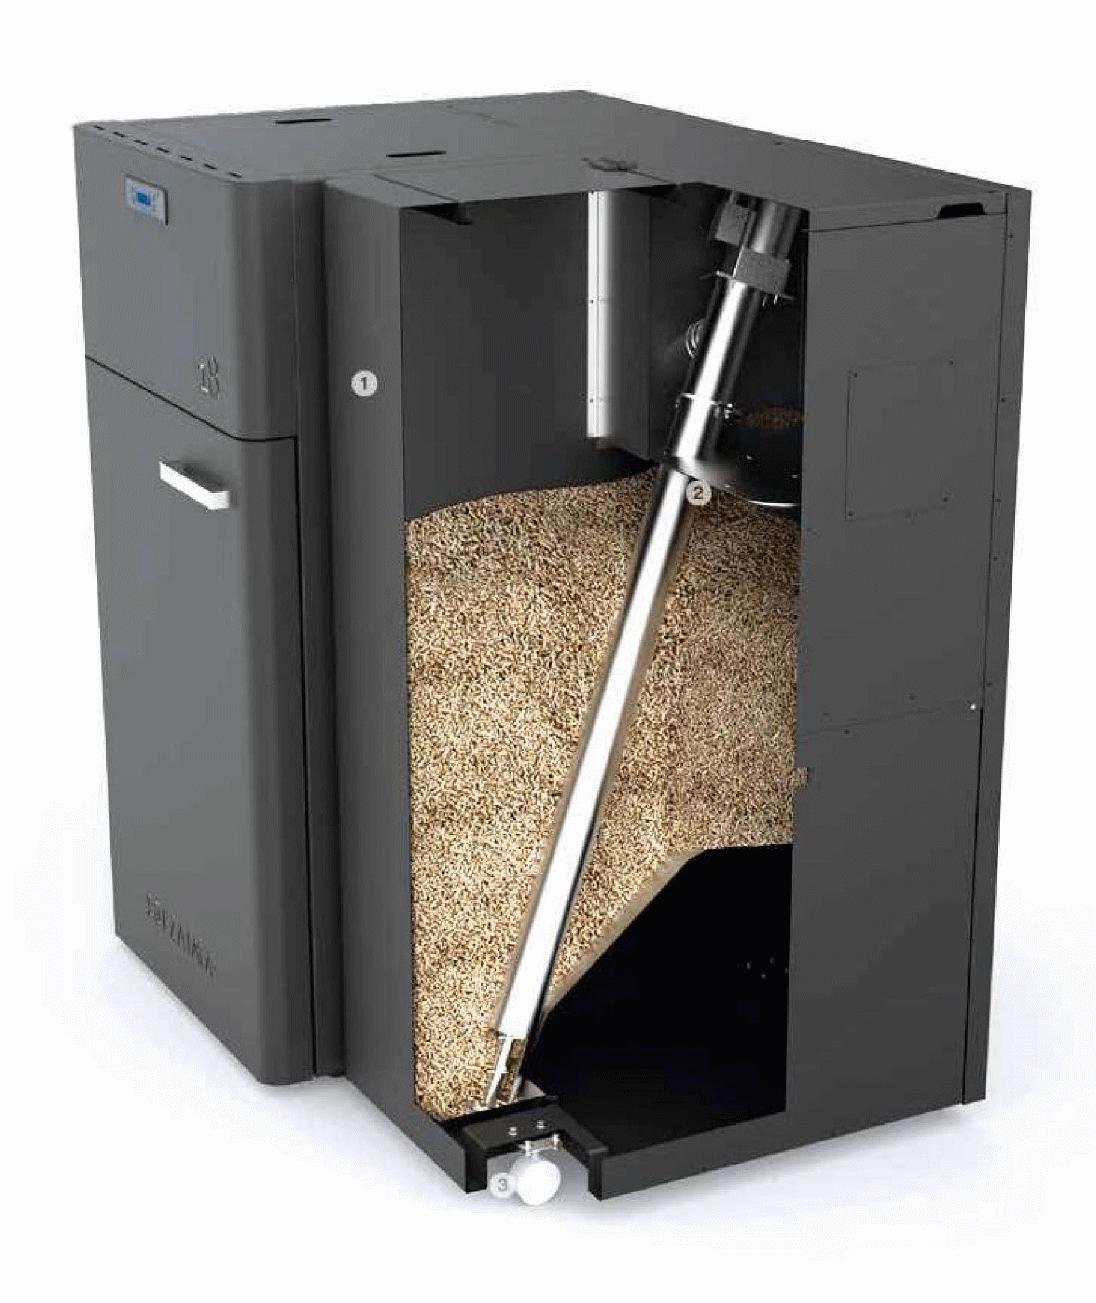 Chaudière semi automatique à granulés de bois